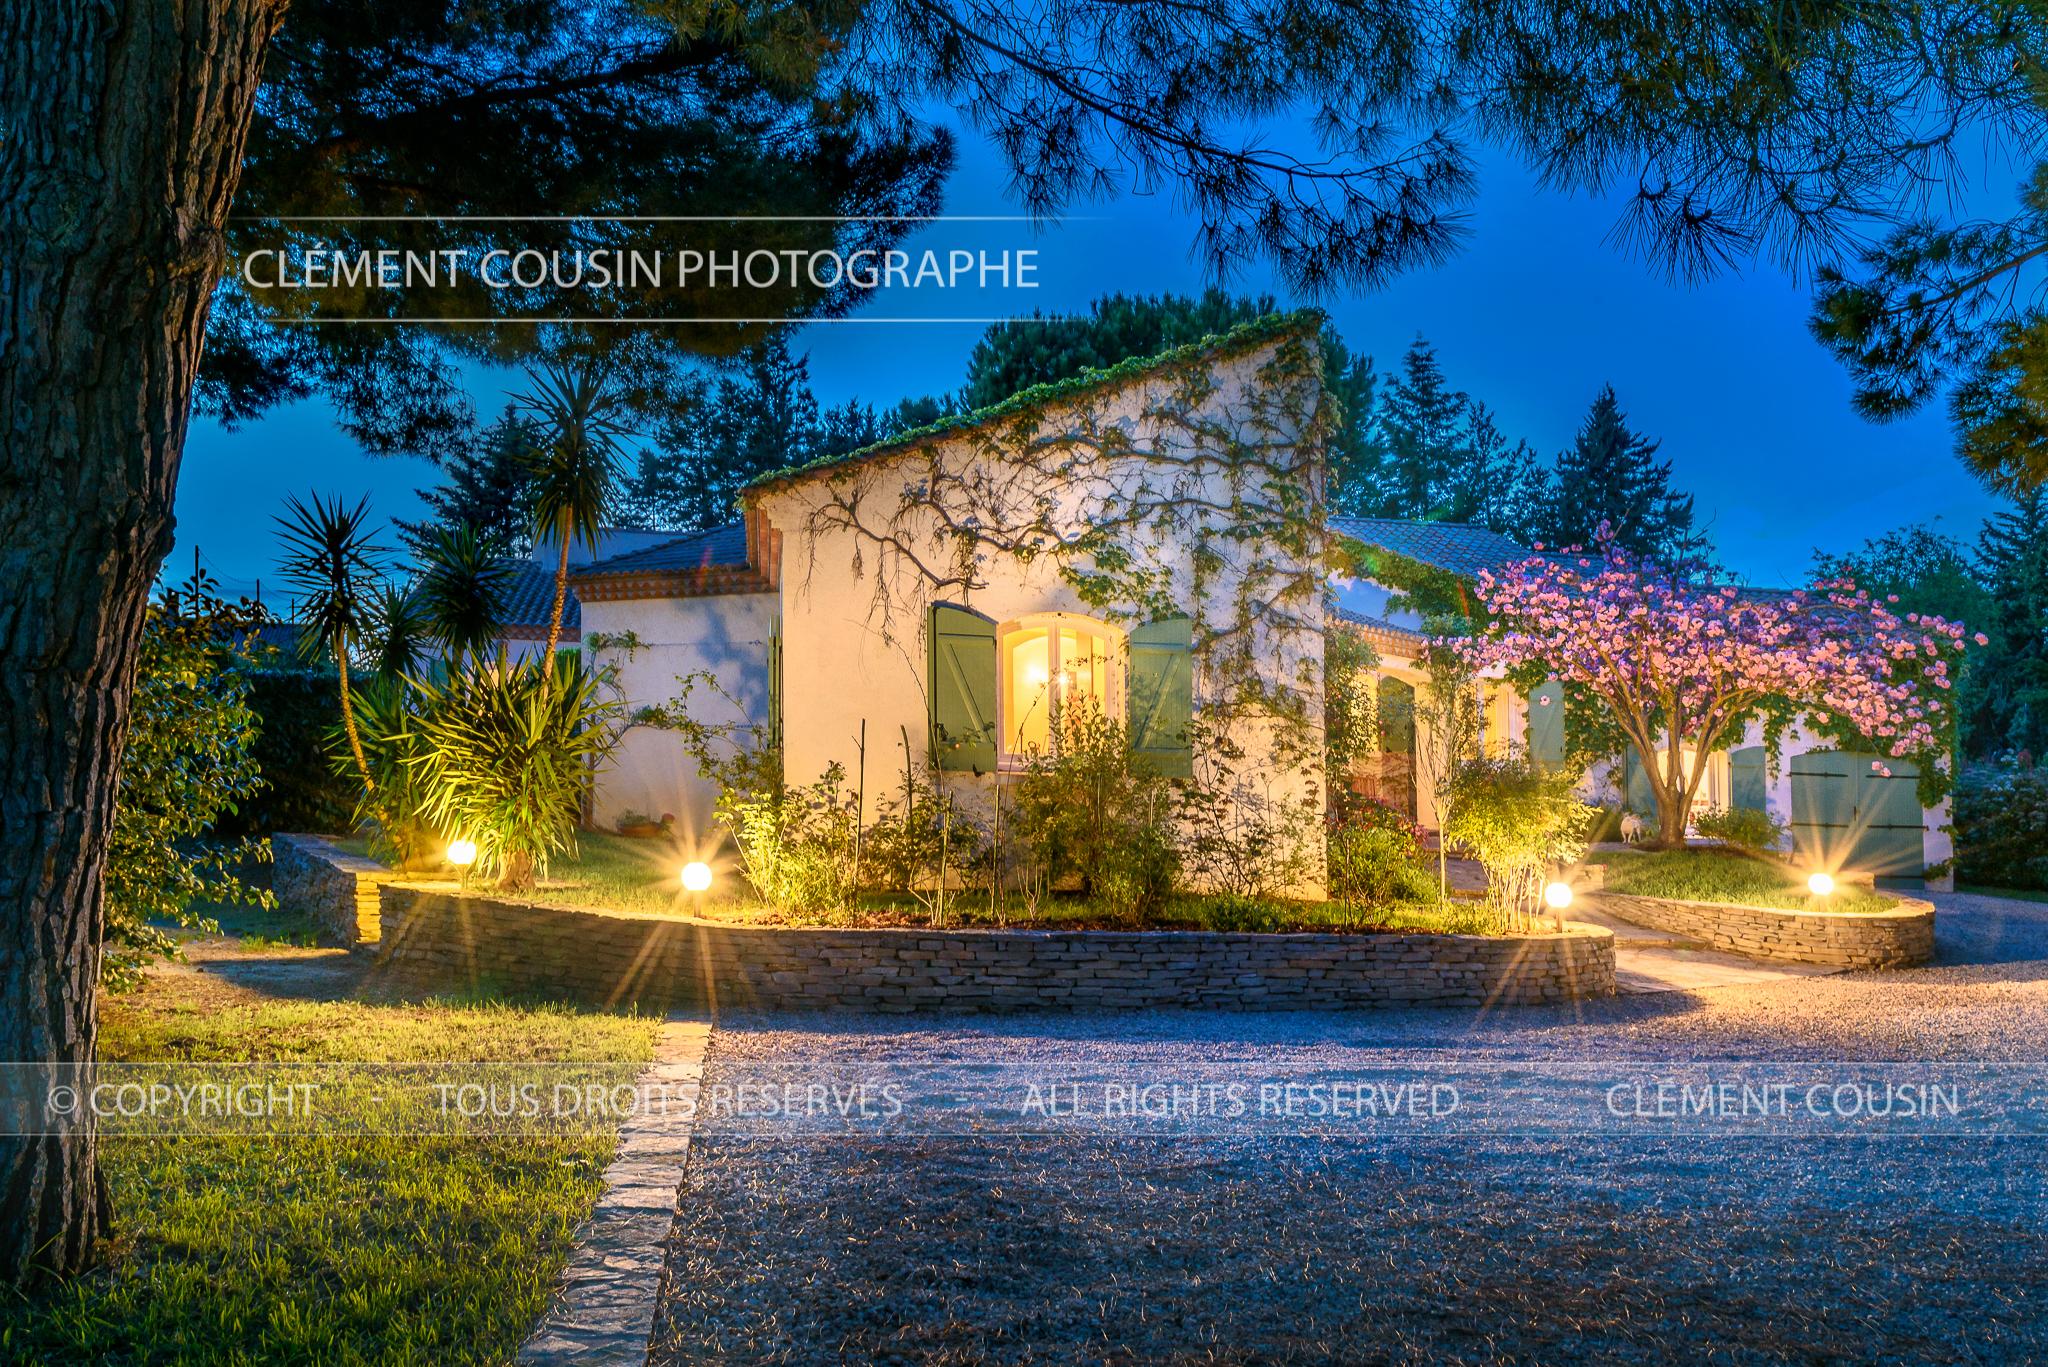 villa boirargues 14-04 no cc-8.jpg